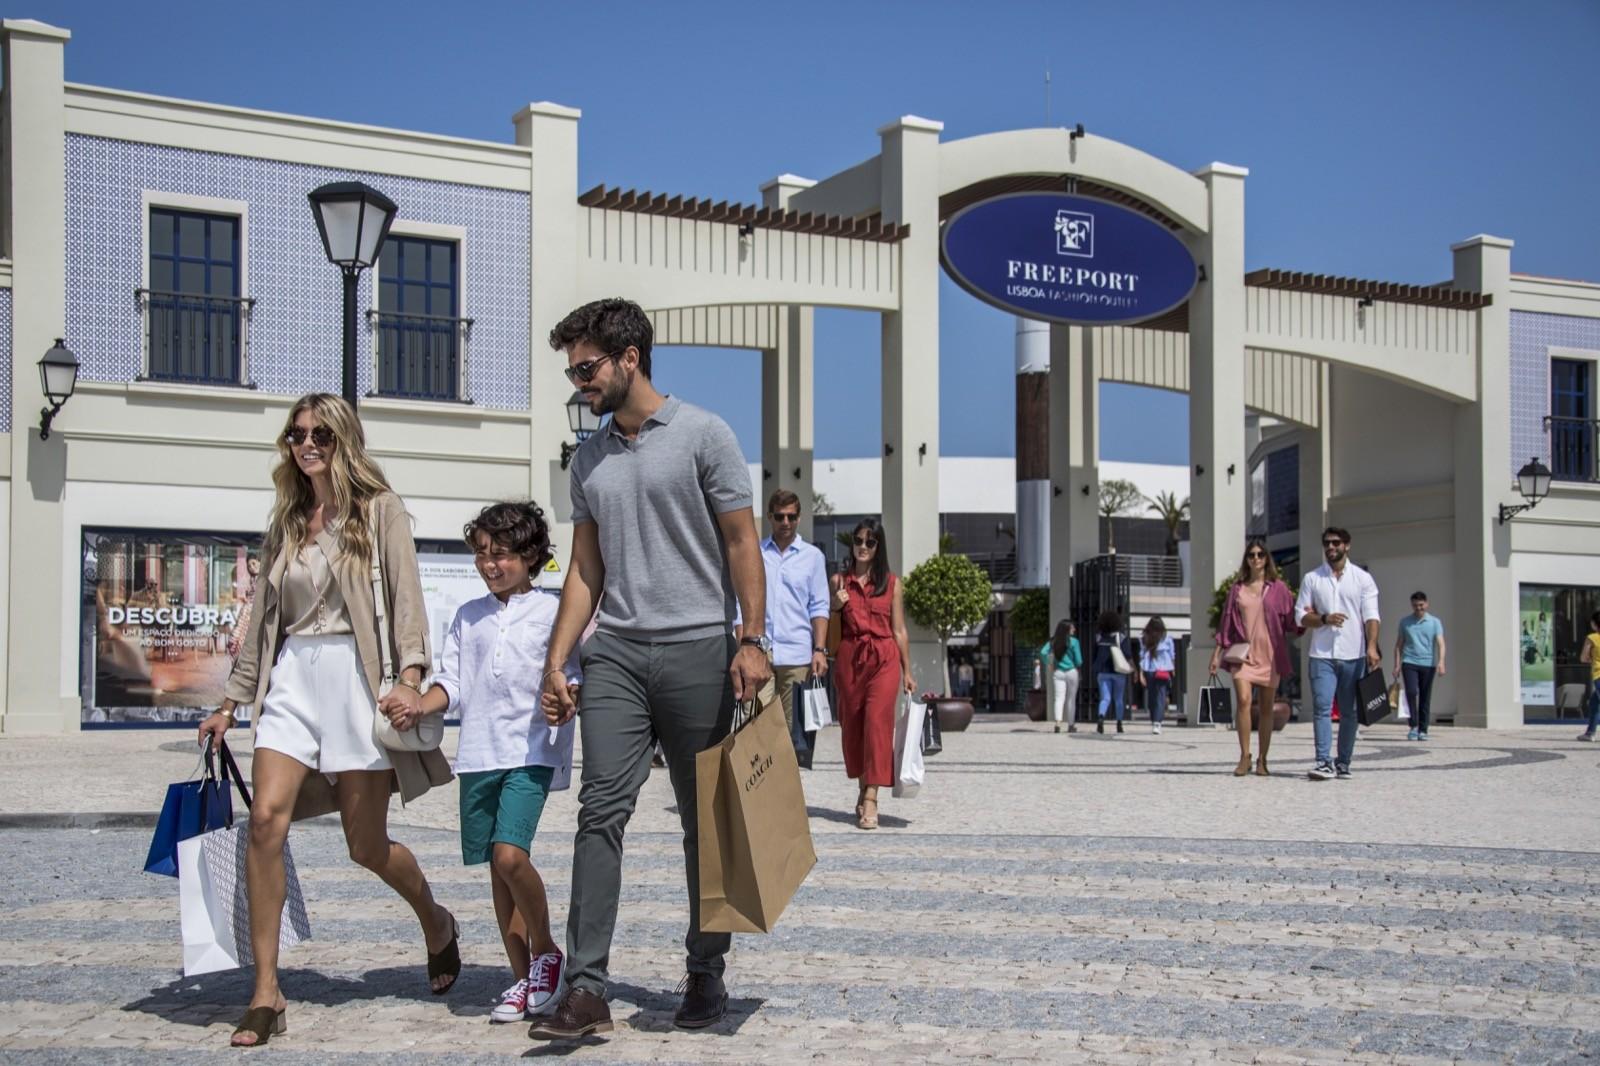 Lizbona Zakupy w Lizbonie Najlepsze Sklepy Adresy Centrum Handlowe Sklep z pamiątkami winem butami Shopping Portugalia Lisboa Lisbon Polecane Gdzie na zakupy Przewodnik